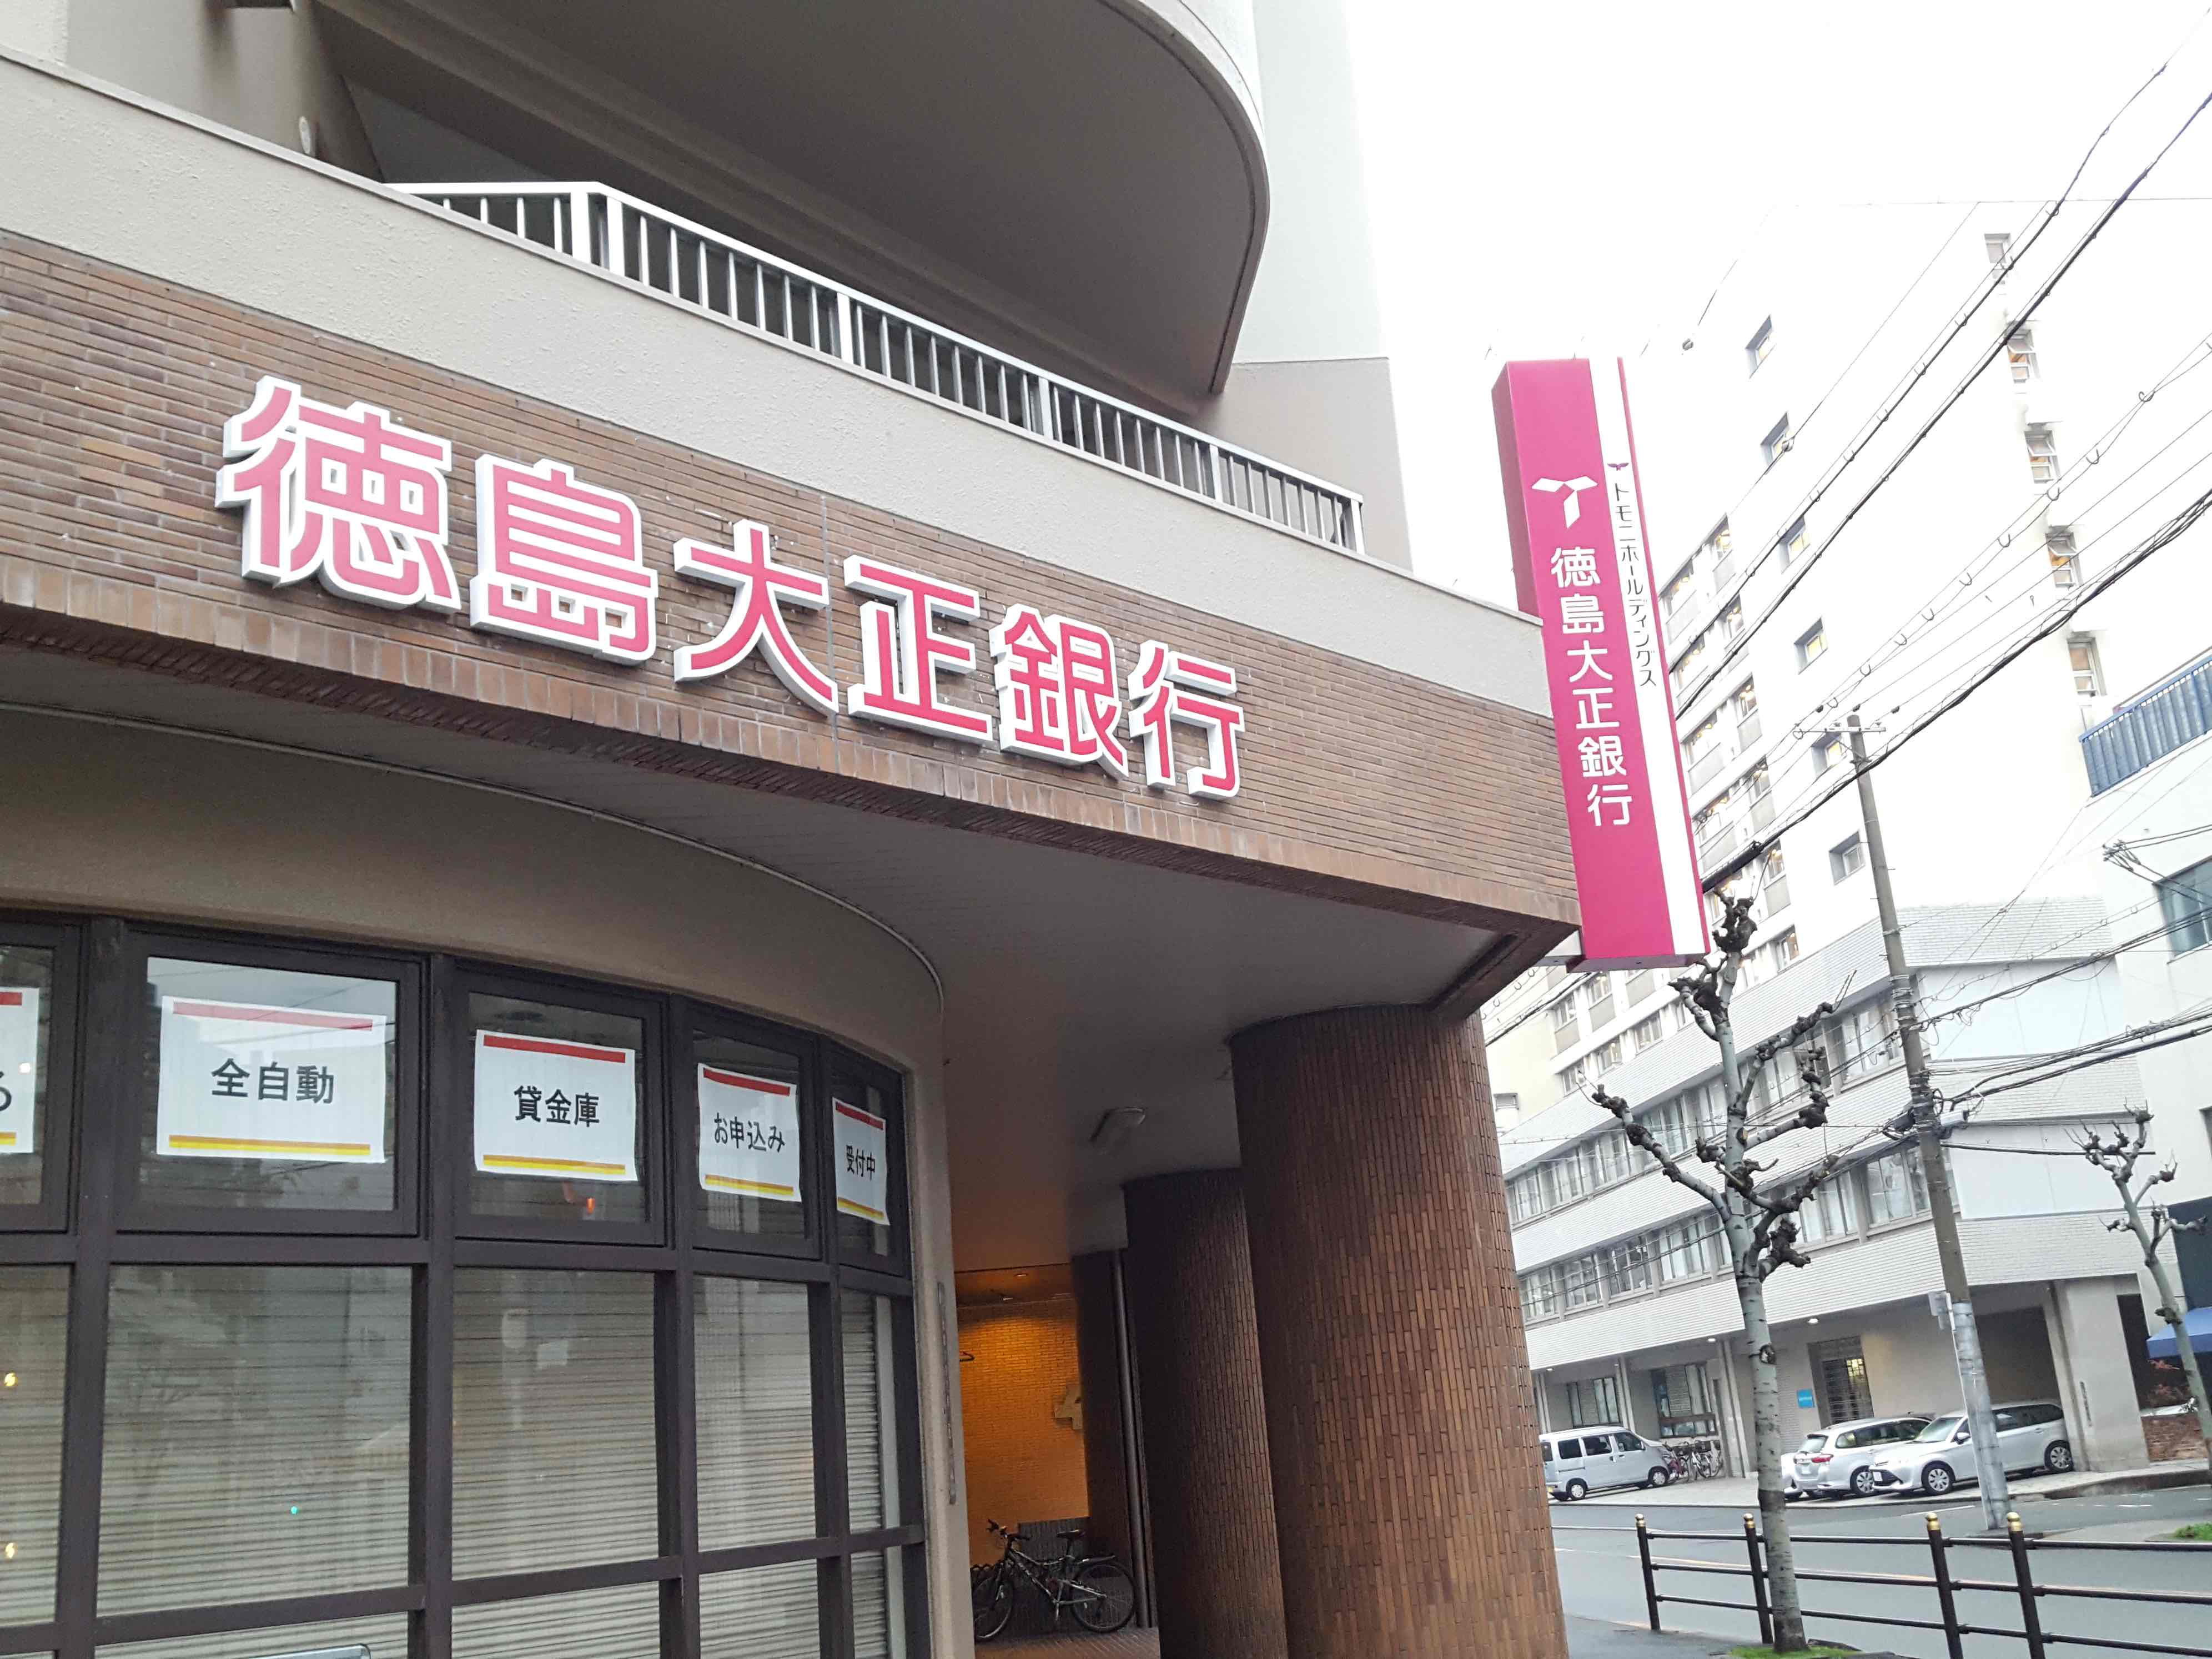 大正 銀行 徳島